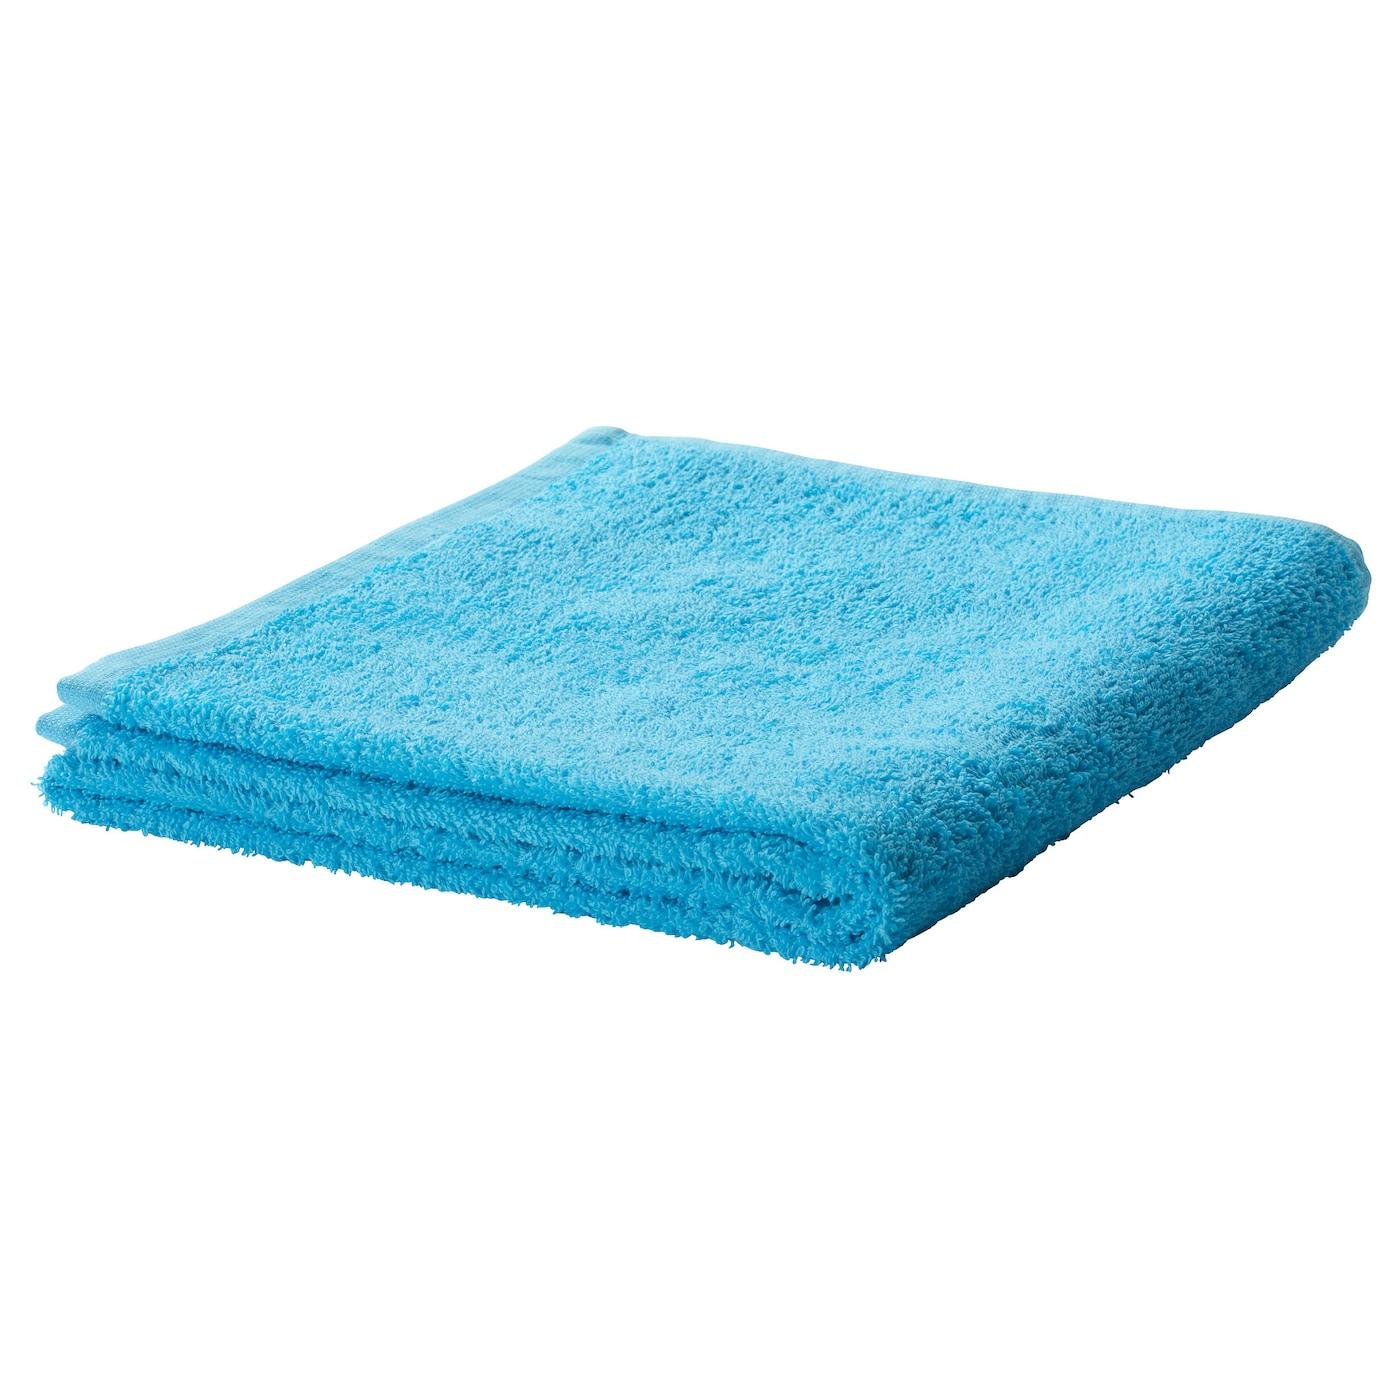 Hand Towel: HÄREN Hand Towel Turquoise 50x100 Cm